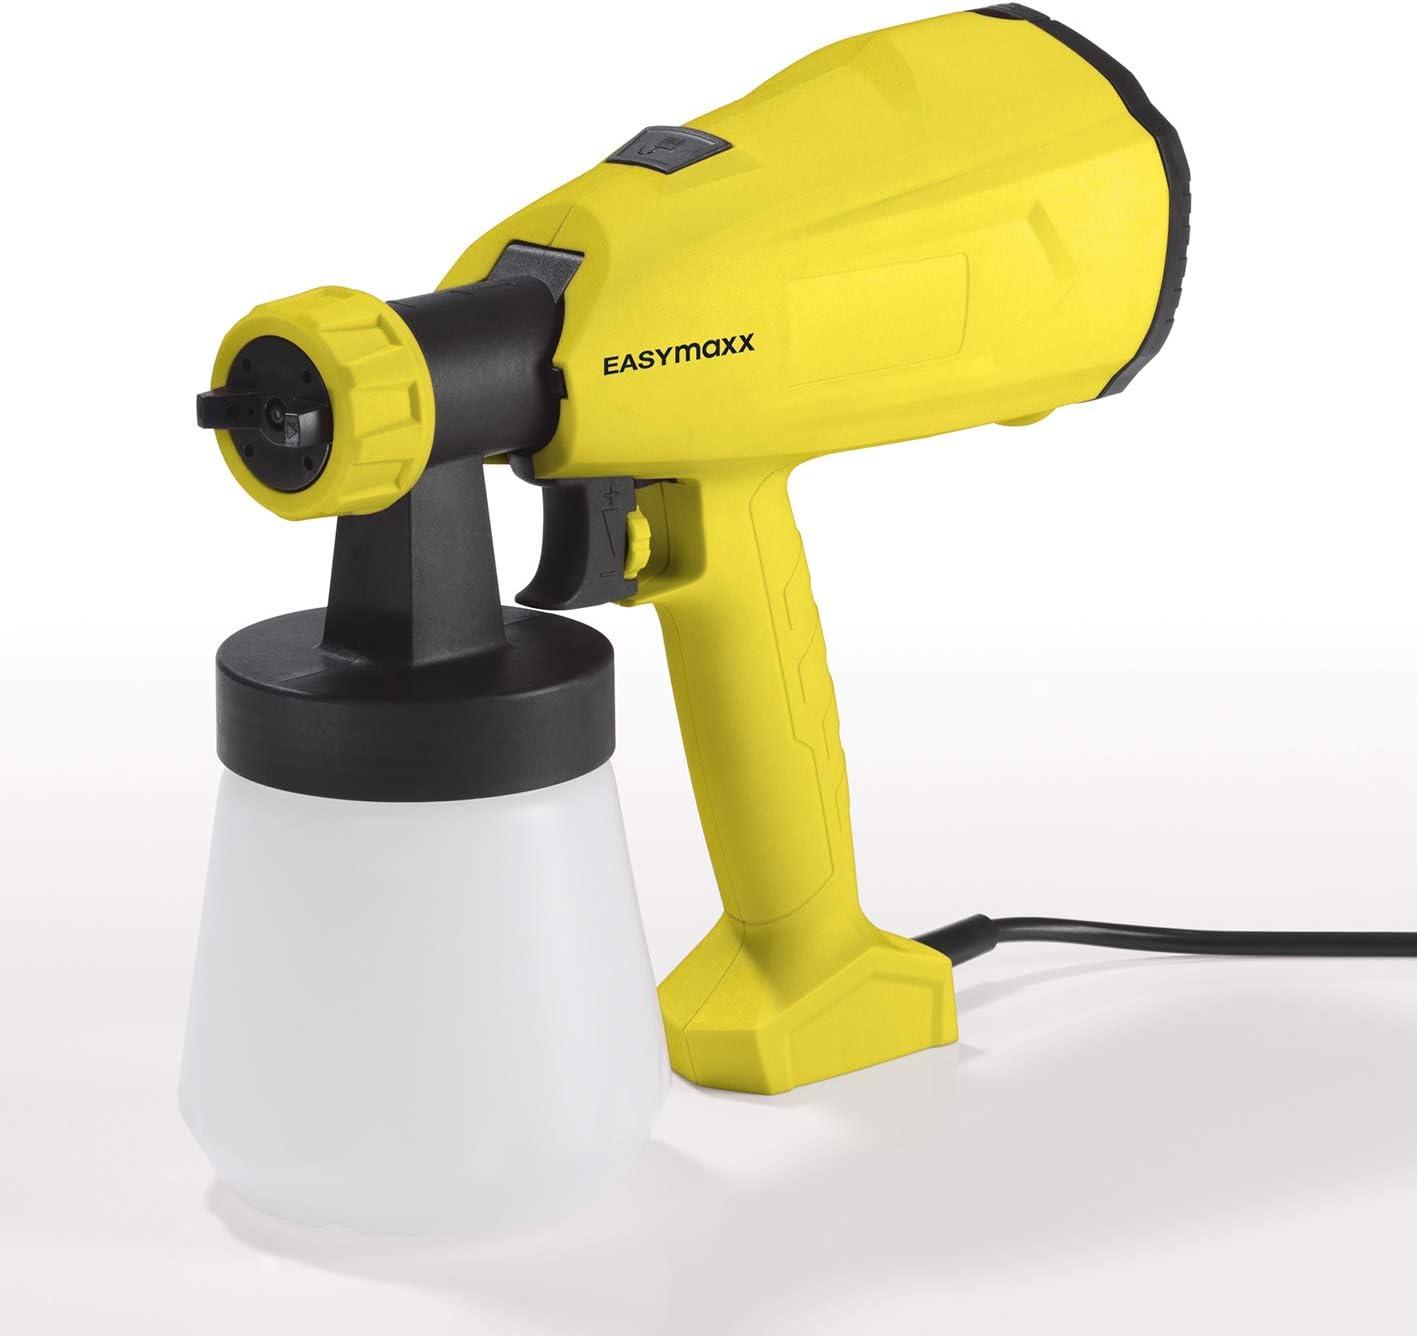 Farbspritzger/äte Set 3 Tassen Mehrzweck-Gravity-Spritzpistole Trigger Airbrush Kits Set f/ür Kunst Malerei 166 AK